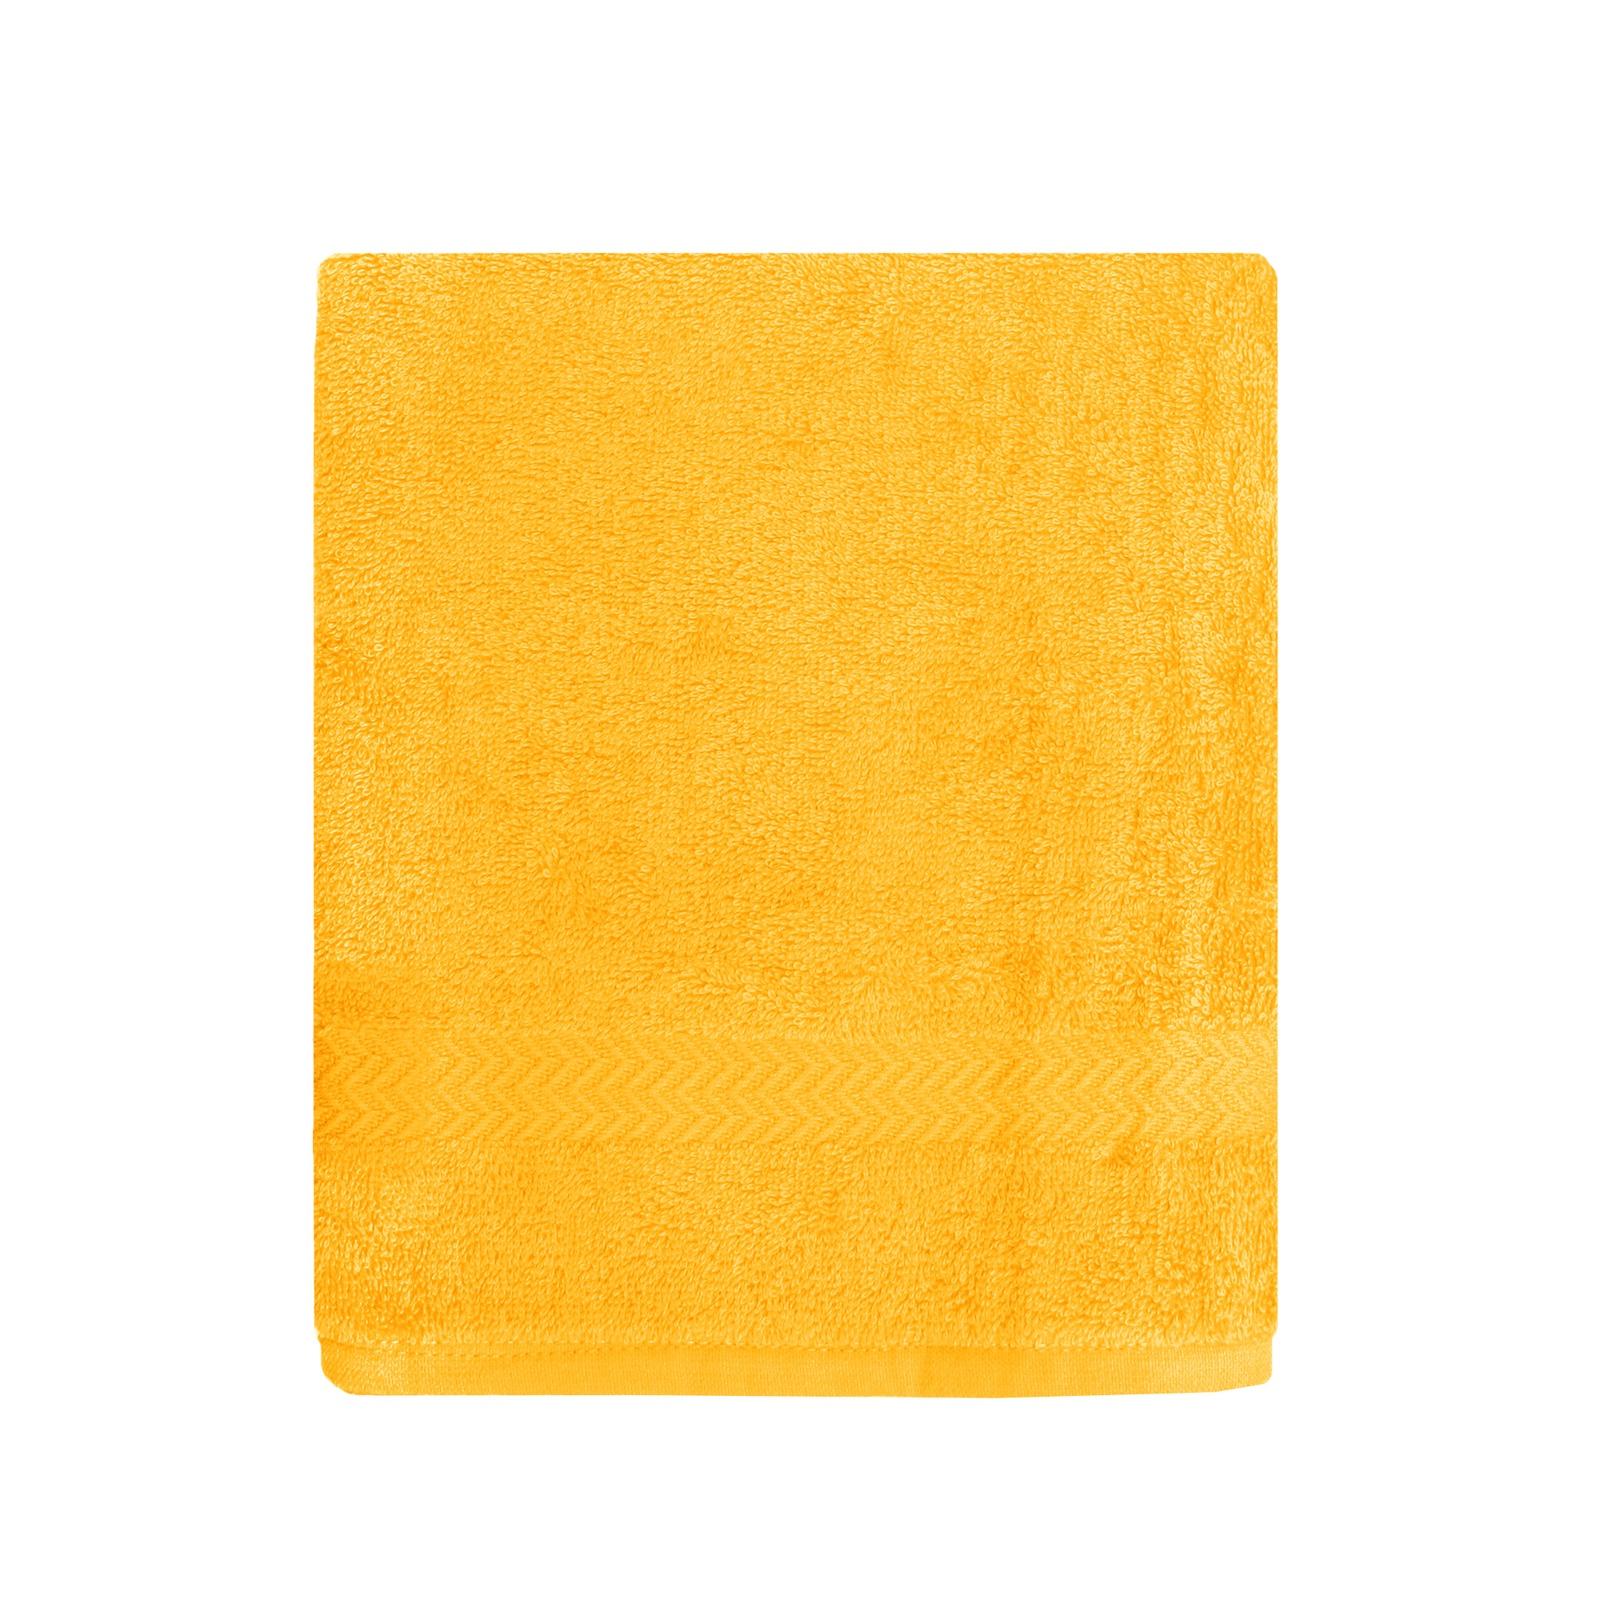 Полотенце банное Bonita Classic, 21011215072, желтый, 50 х 90 см полотенце банное fiesta arabesca 50 90 см